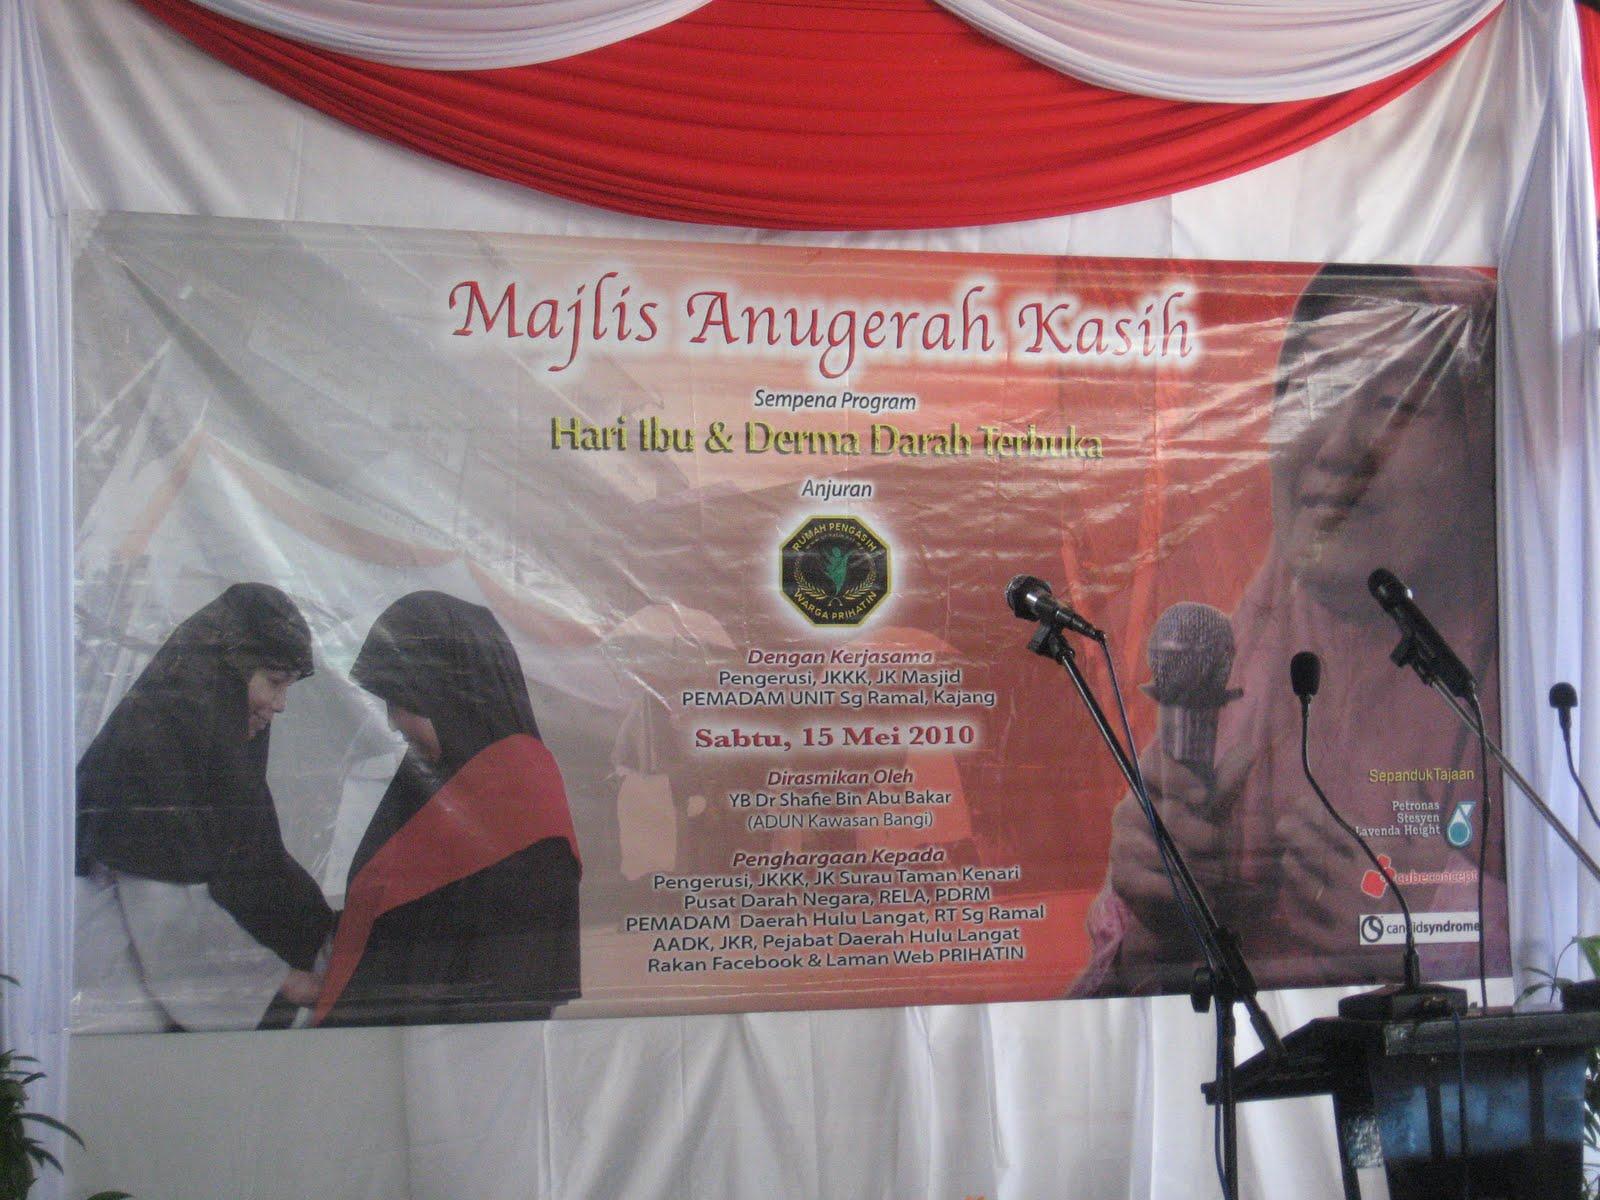 RUMAH PENGASIH WARGA PRIHATIN | Rumah Asnaf & Anak Yatim